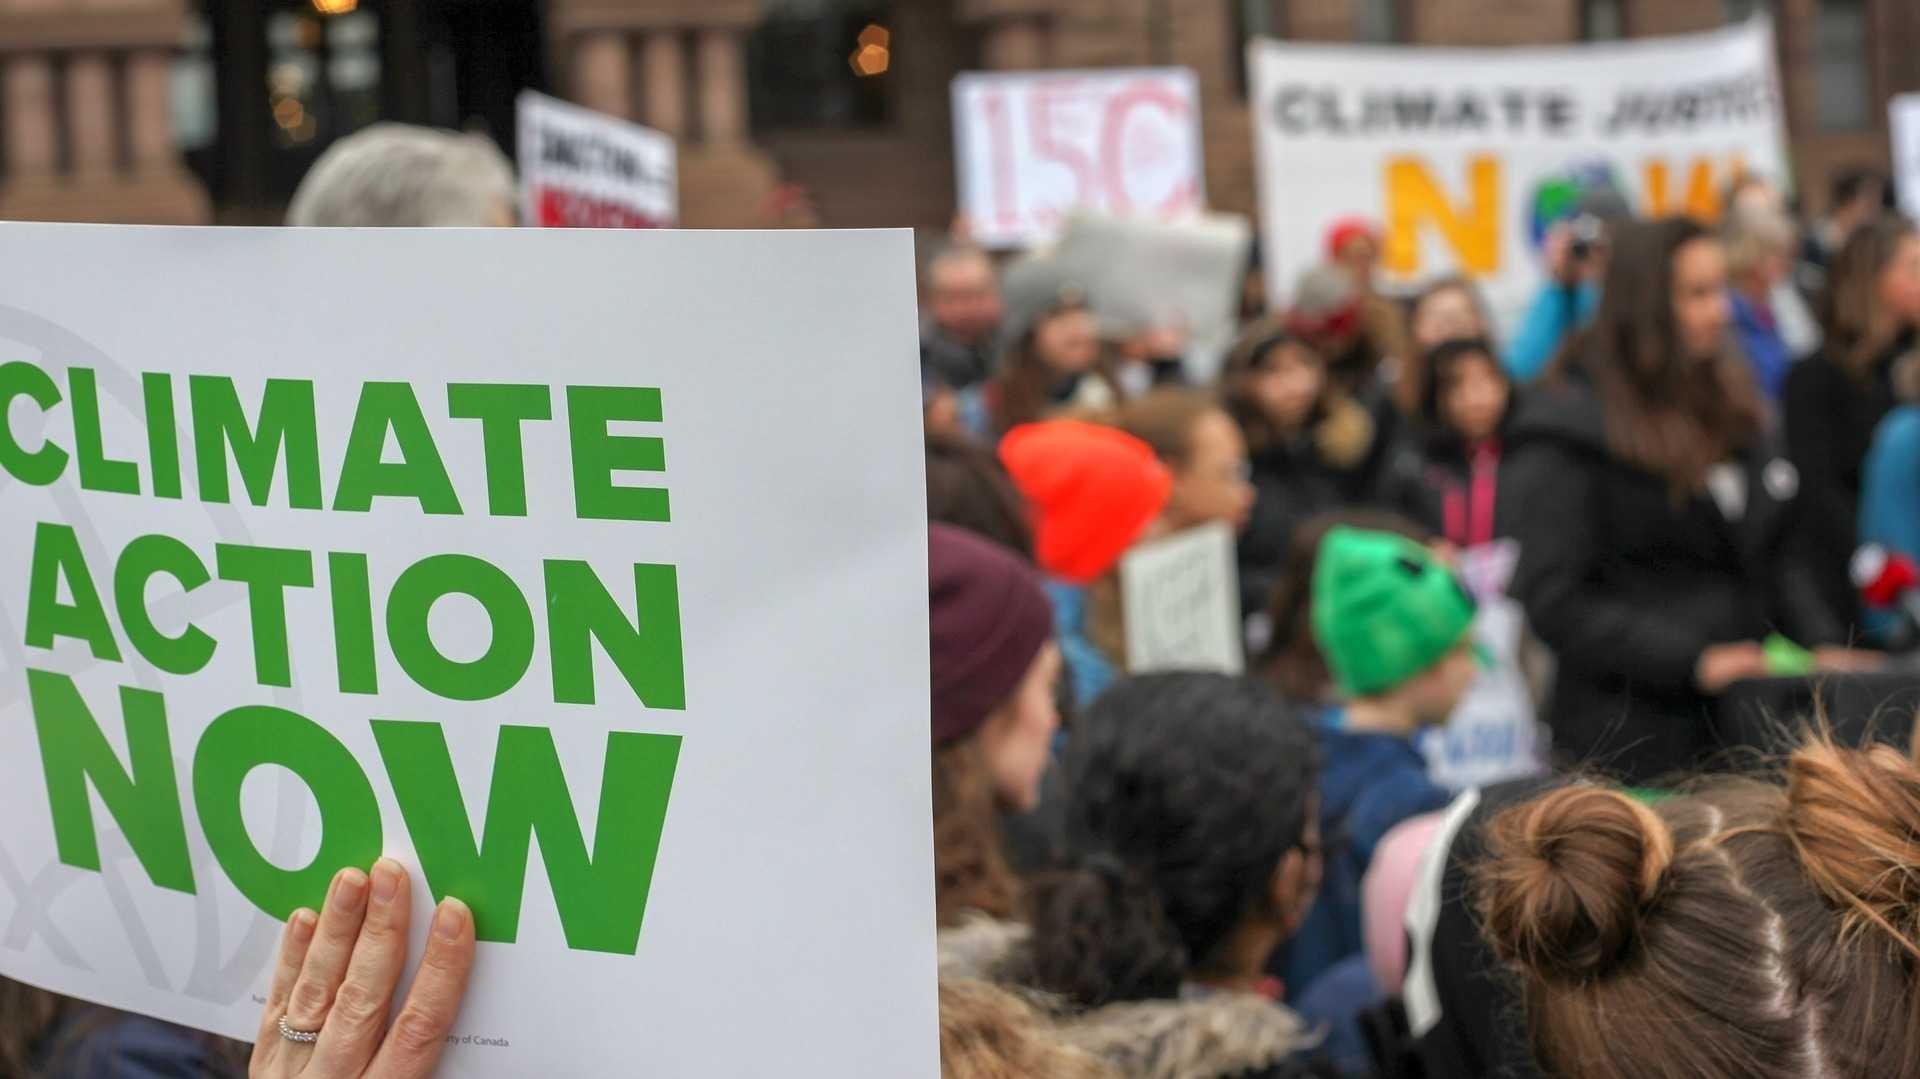 Klima-Demo statt rumdaddeln: Wie politisch ist die Jugend heute?